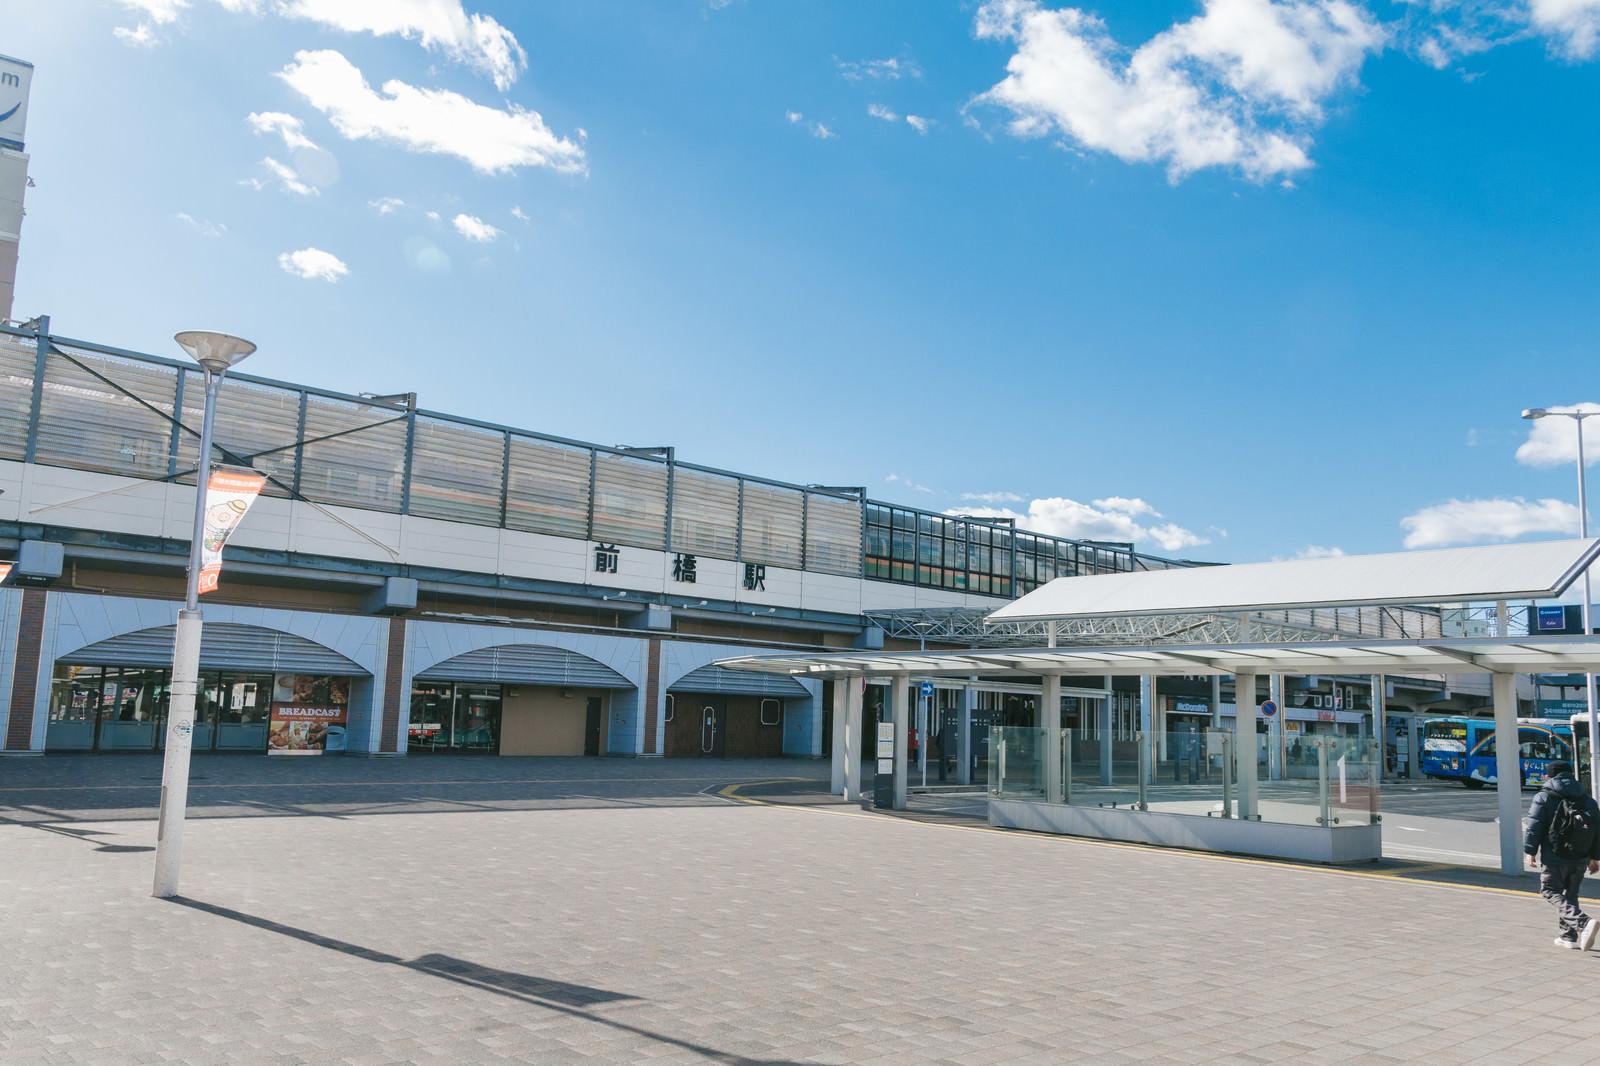 「前橋駅(まえばしえき)」の写真